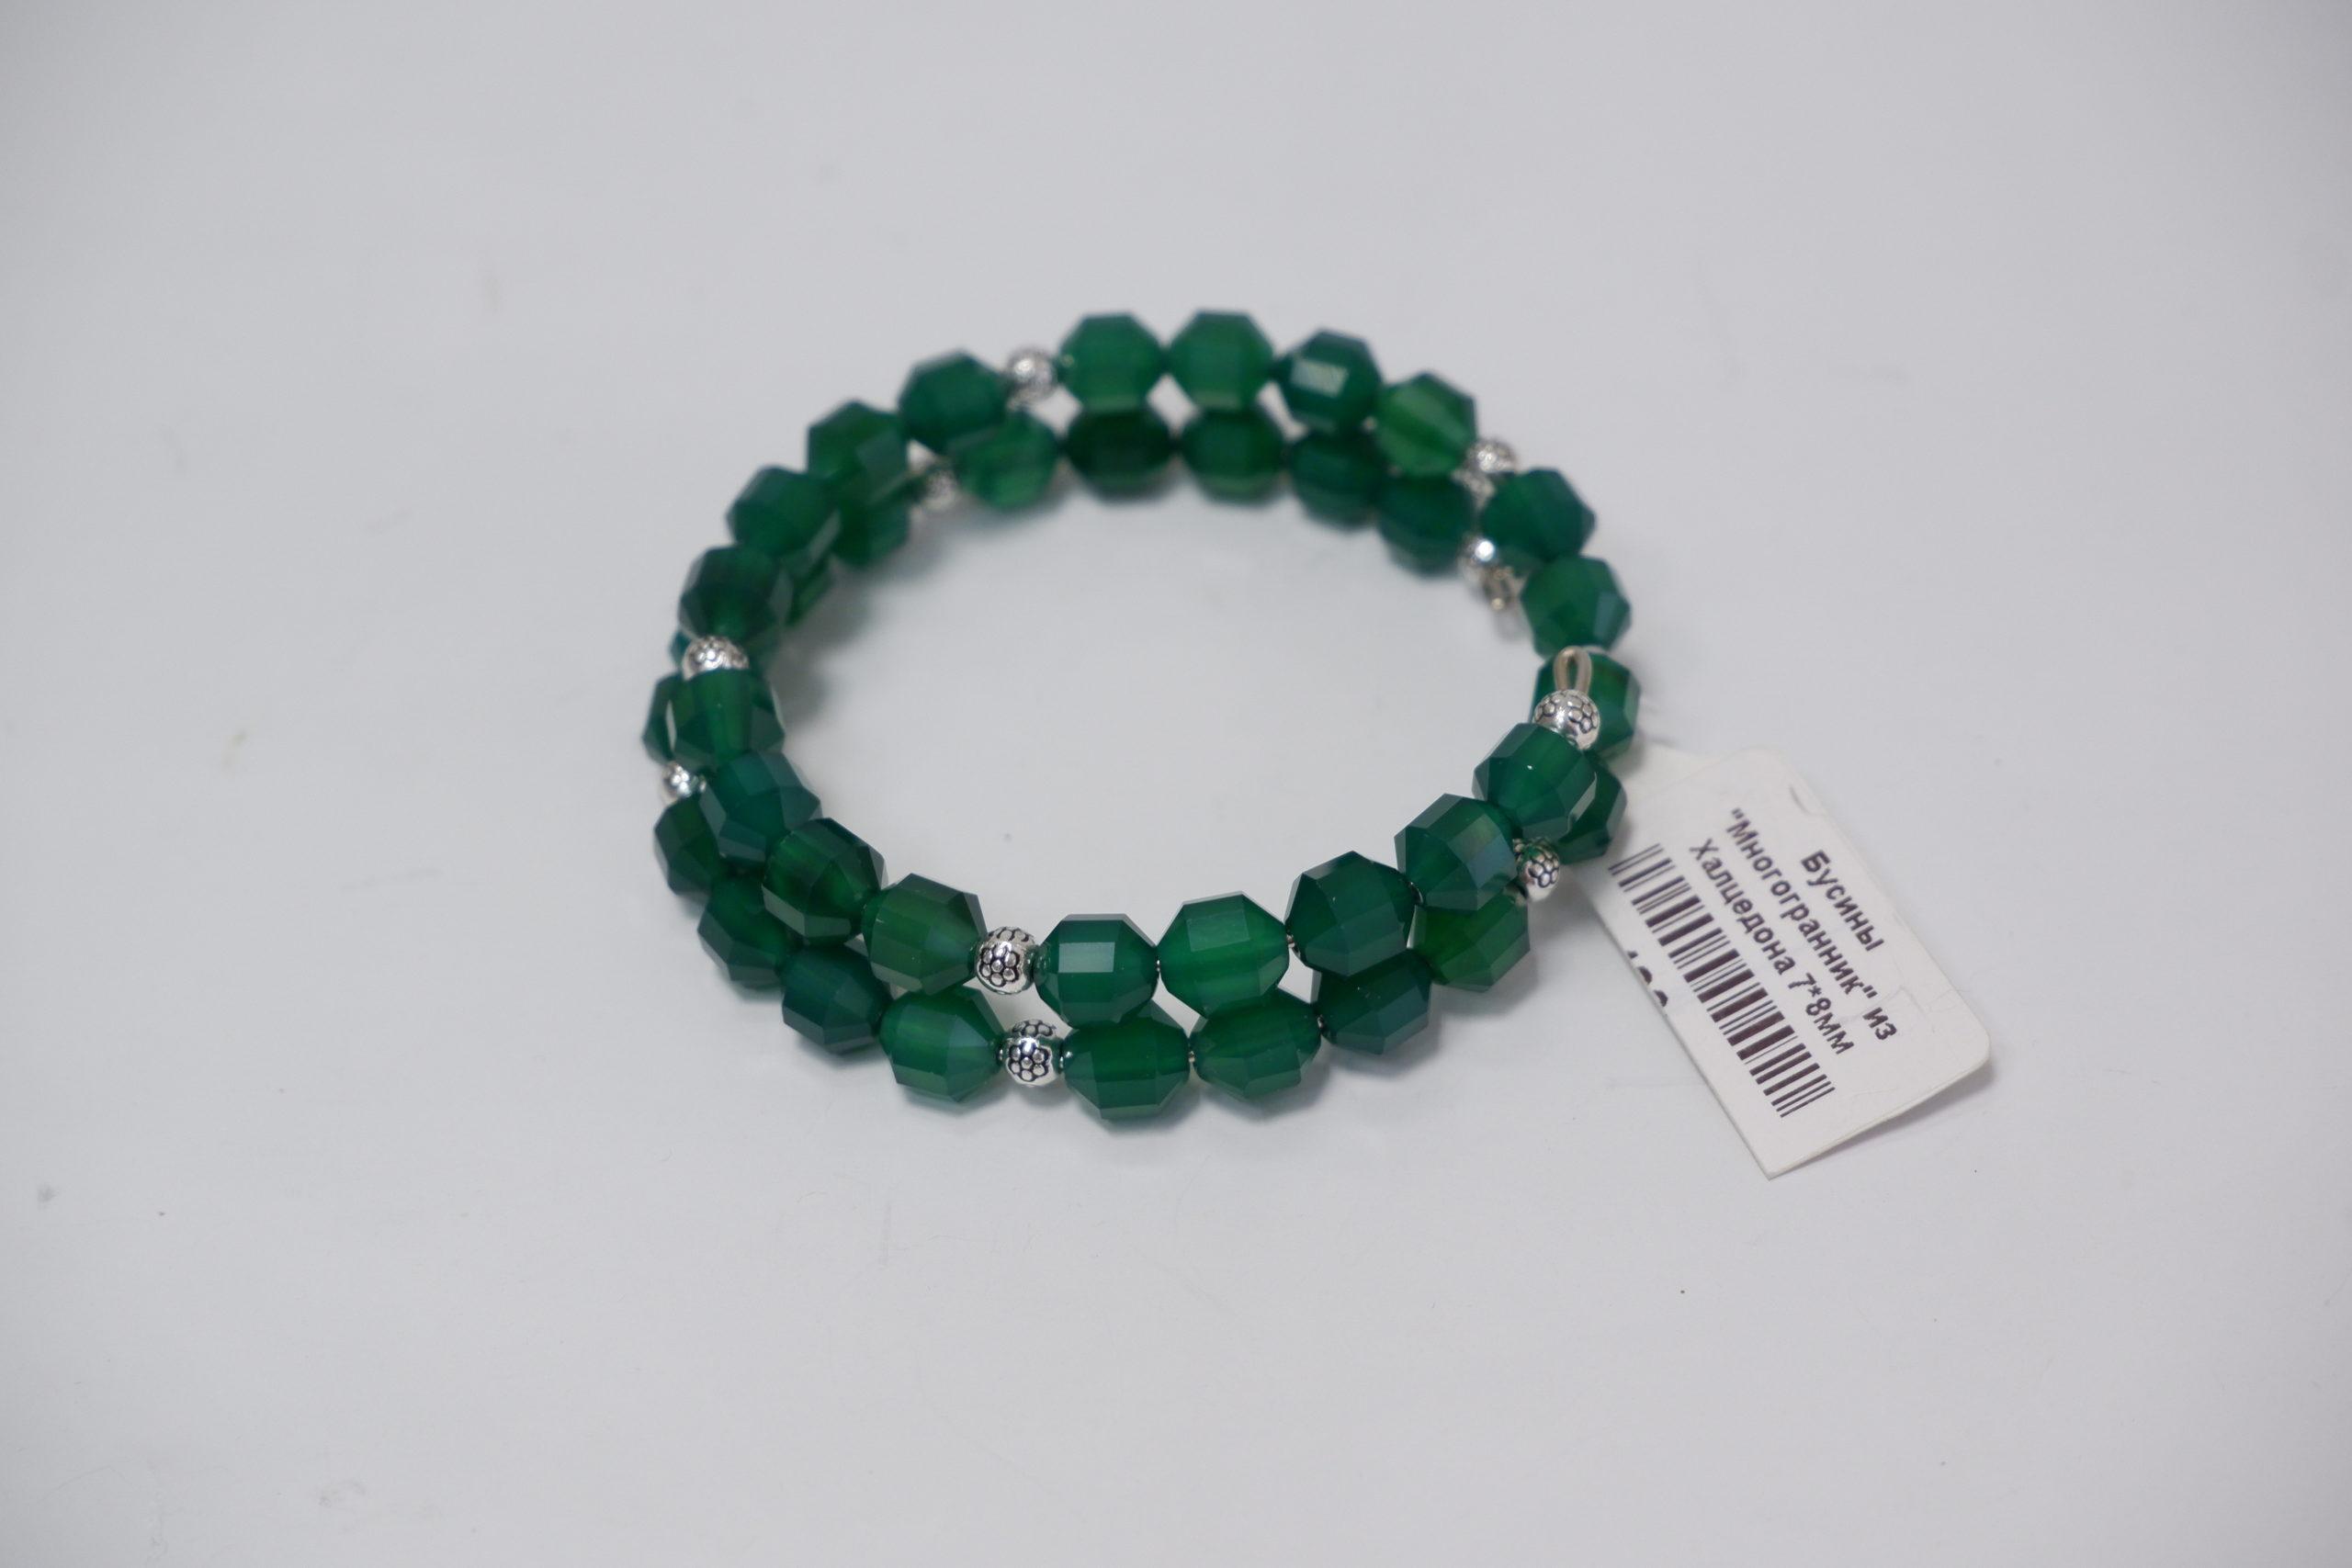 Браслет на жесткой пружине из зеленого халцедона